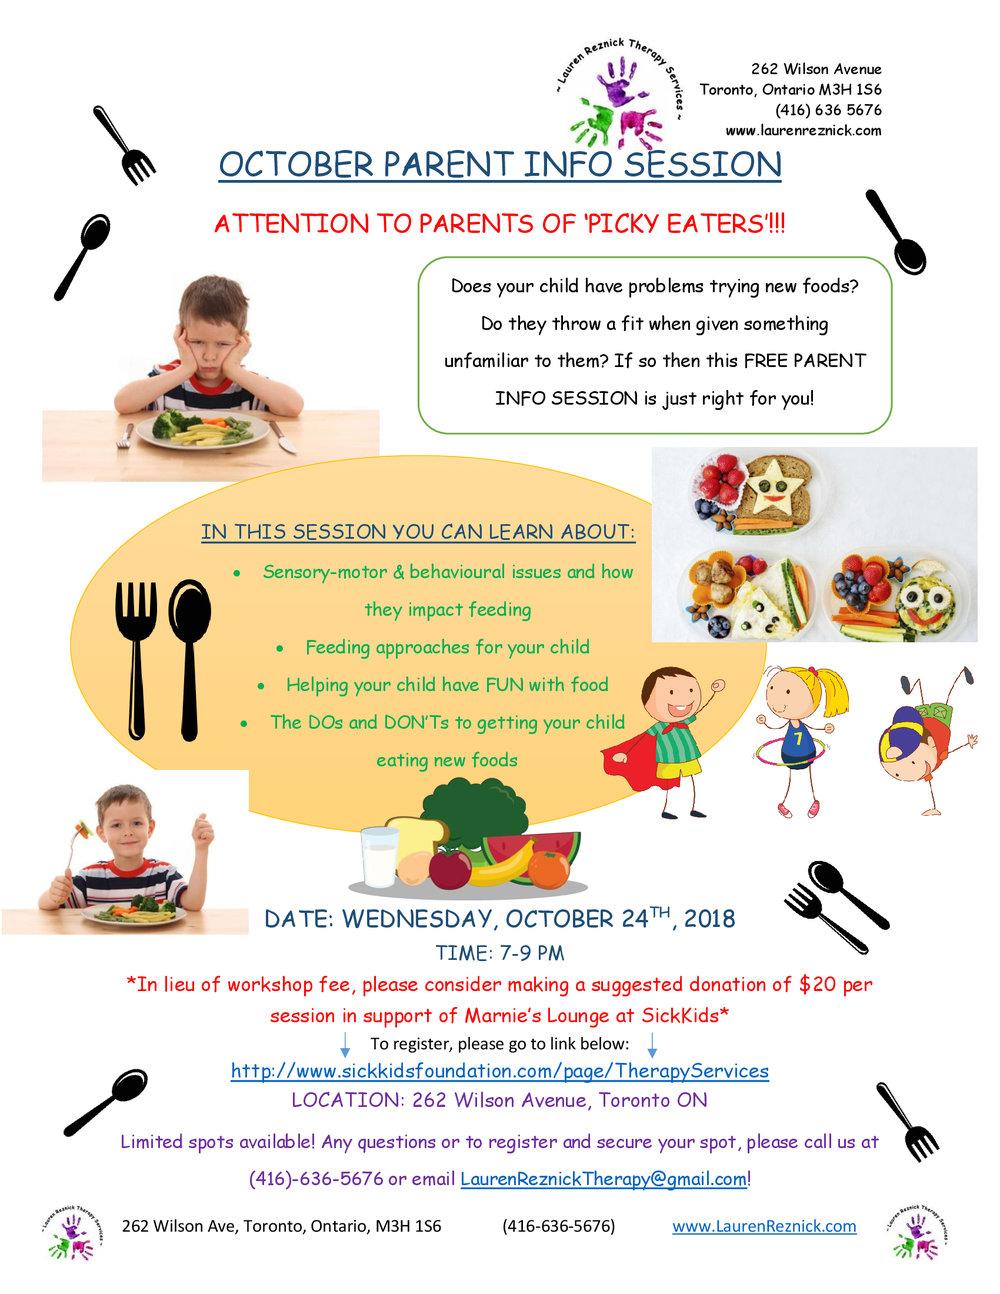 OCTOBER-PARENT-INFO-SESSION-FEEDING.jpg